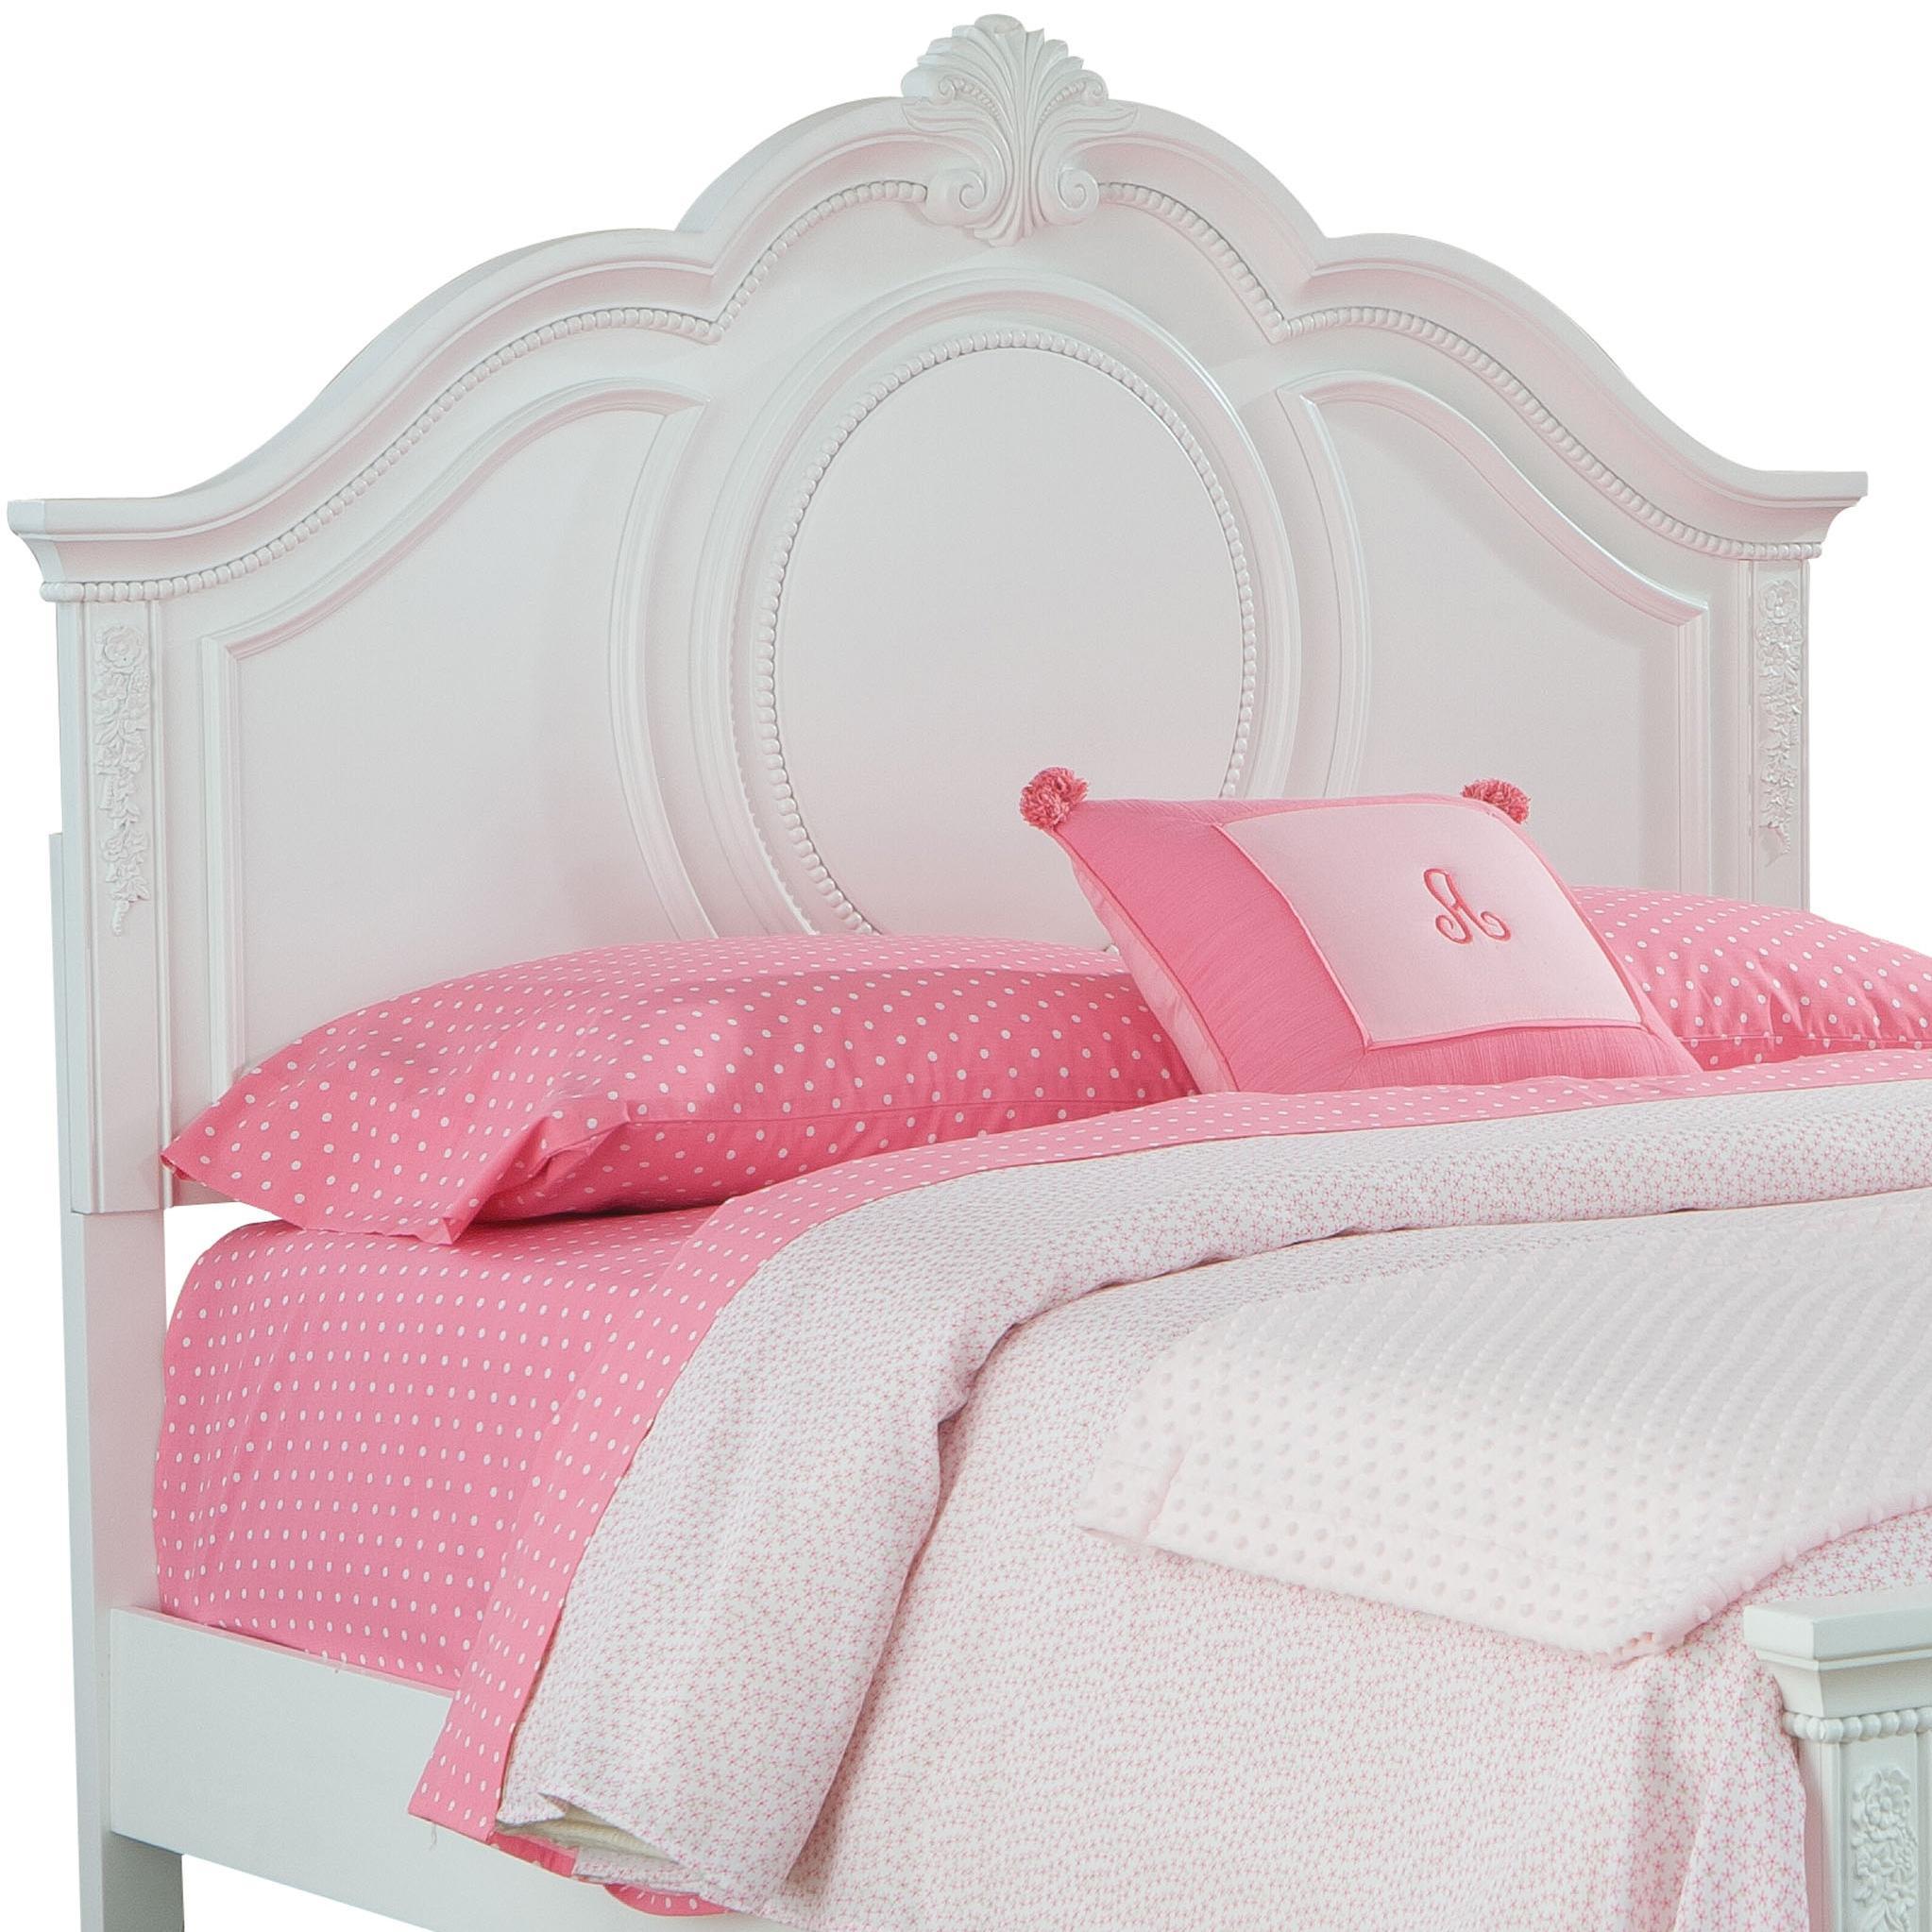 Standard Furniture Jessica Twin Headboard - Item Number: 94201